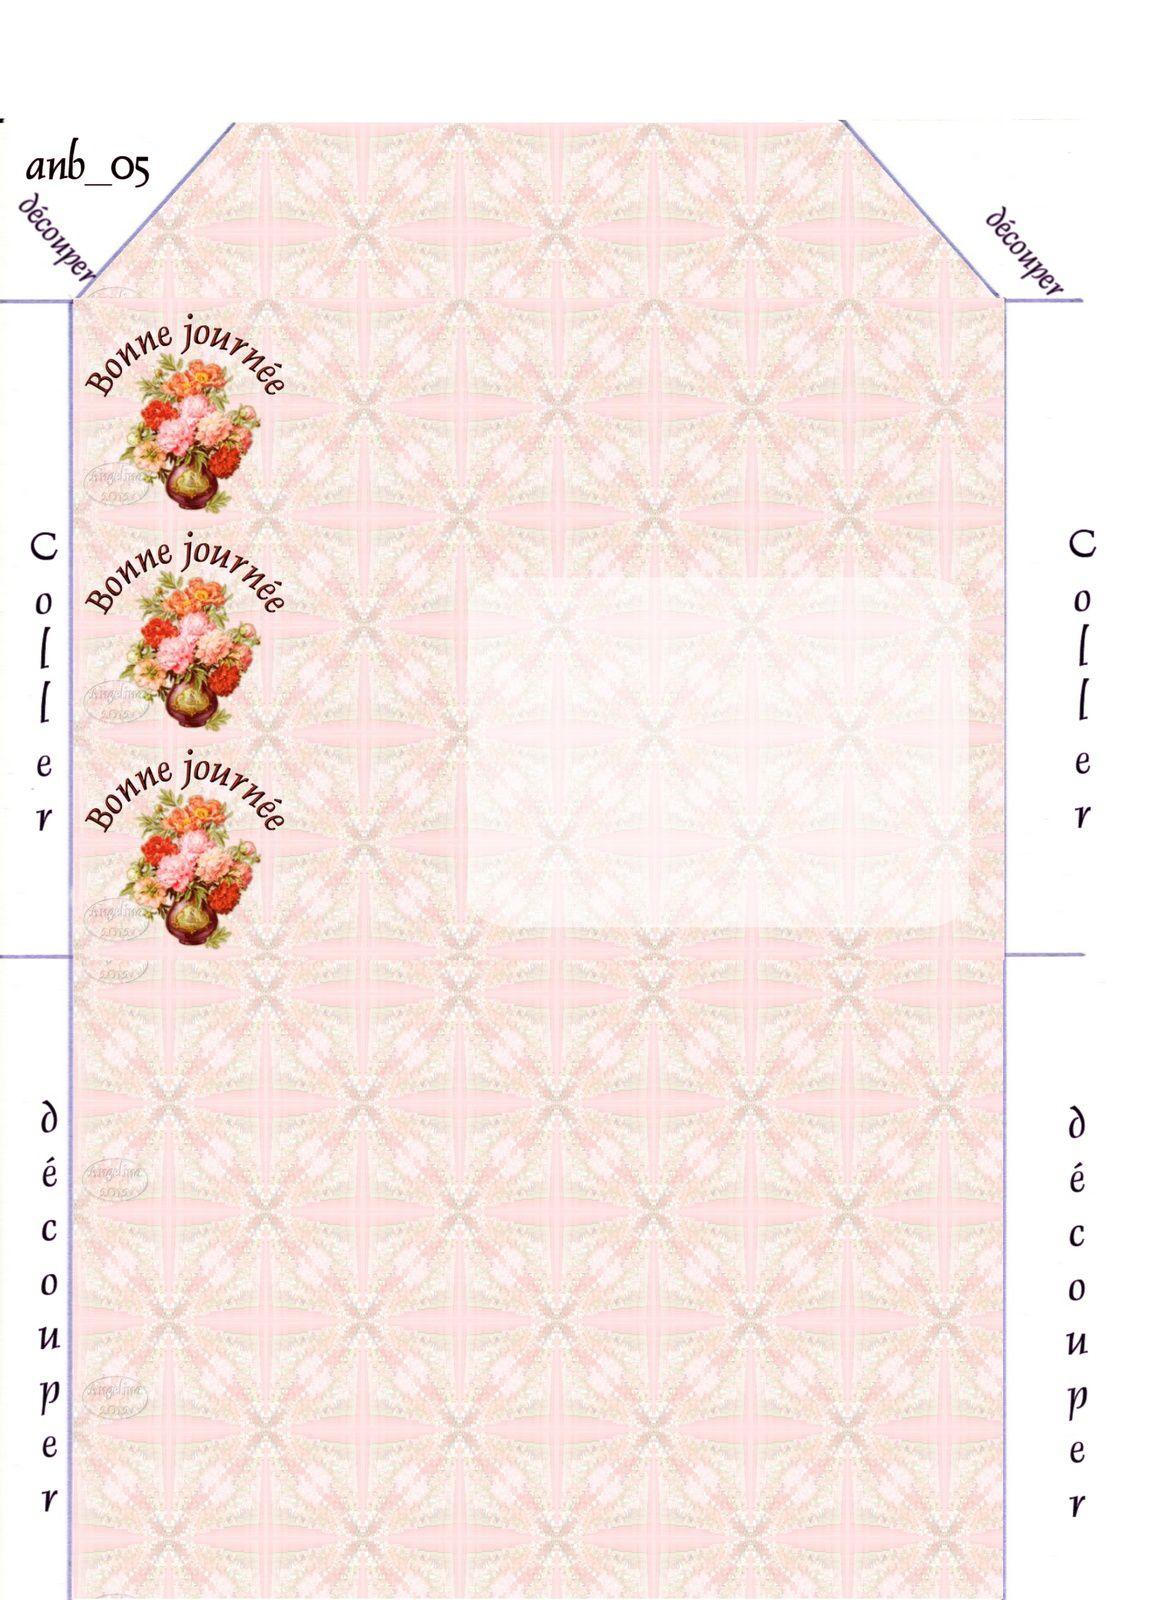 Bonne journée Pivoines Incredimail &amp&#x3B; outlook &amp&#x3B; Papier A4 h l &amp&#x3B; enveloppe &amp&#x3B; 2 cartes A5 &amp&#x3B; signets     bonne_journee_peonies05_dhedey